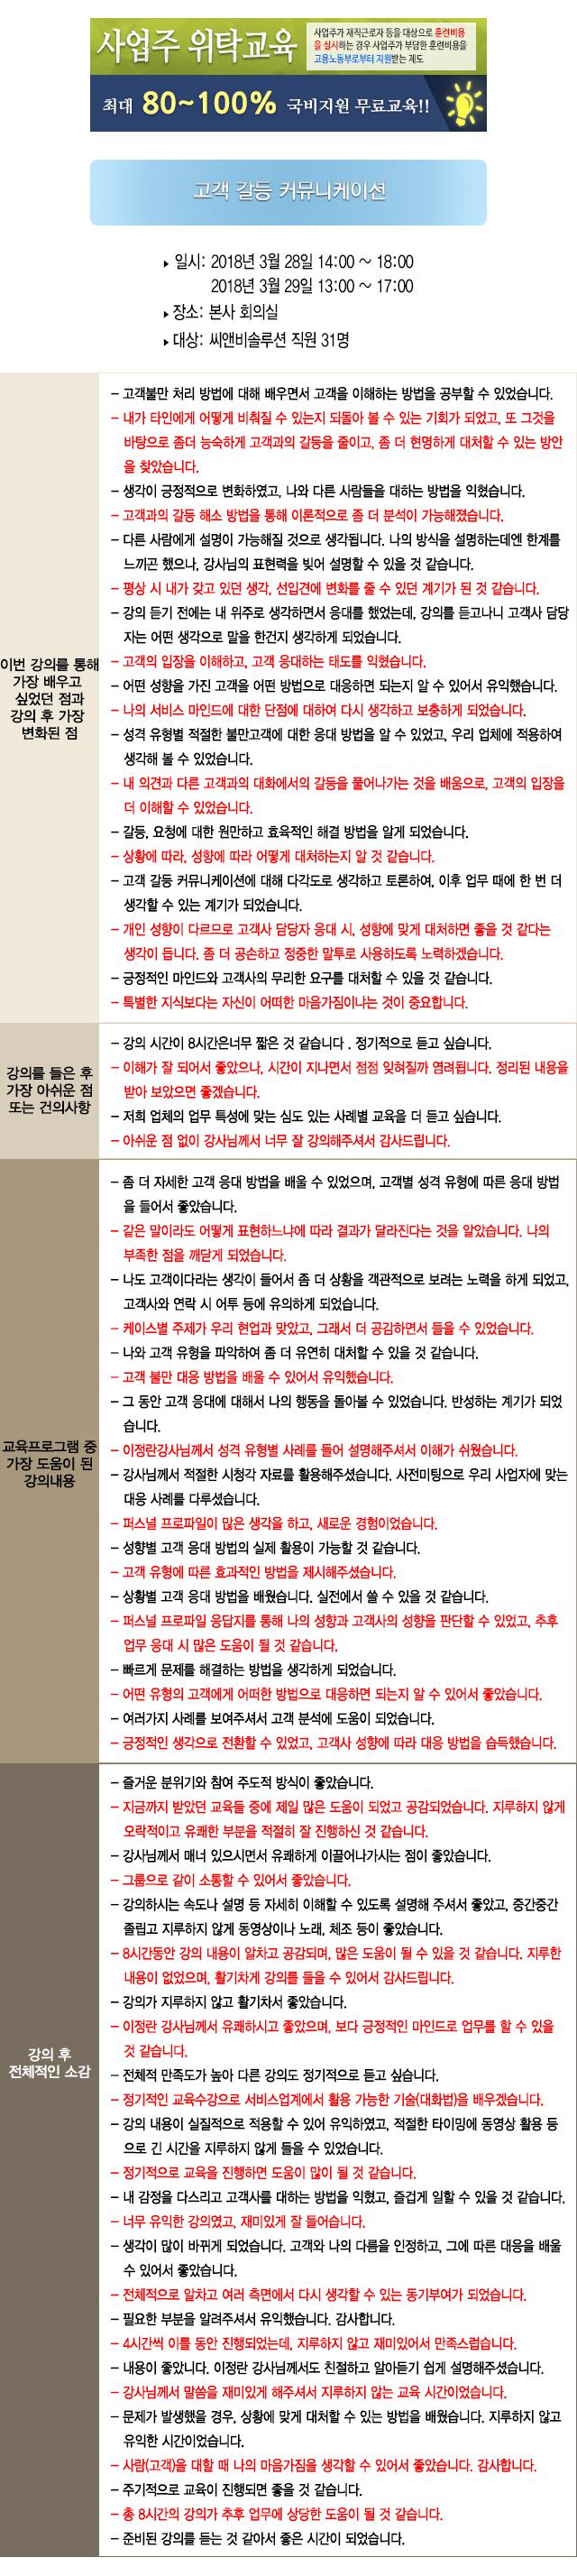 한국중앙인재개발원 후기 씨앤비솔루션.jpg